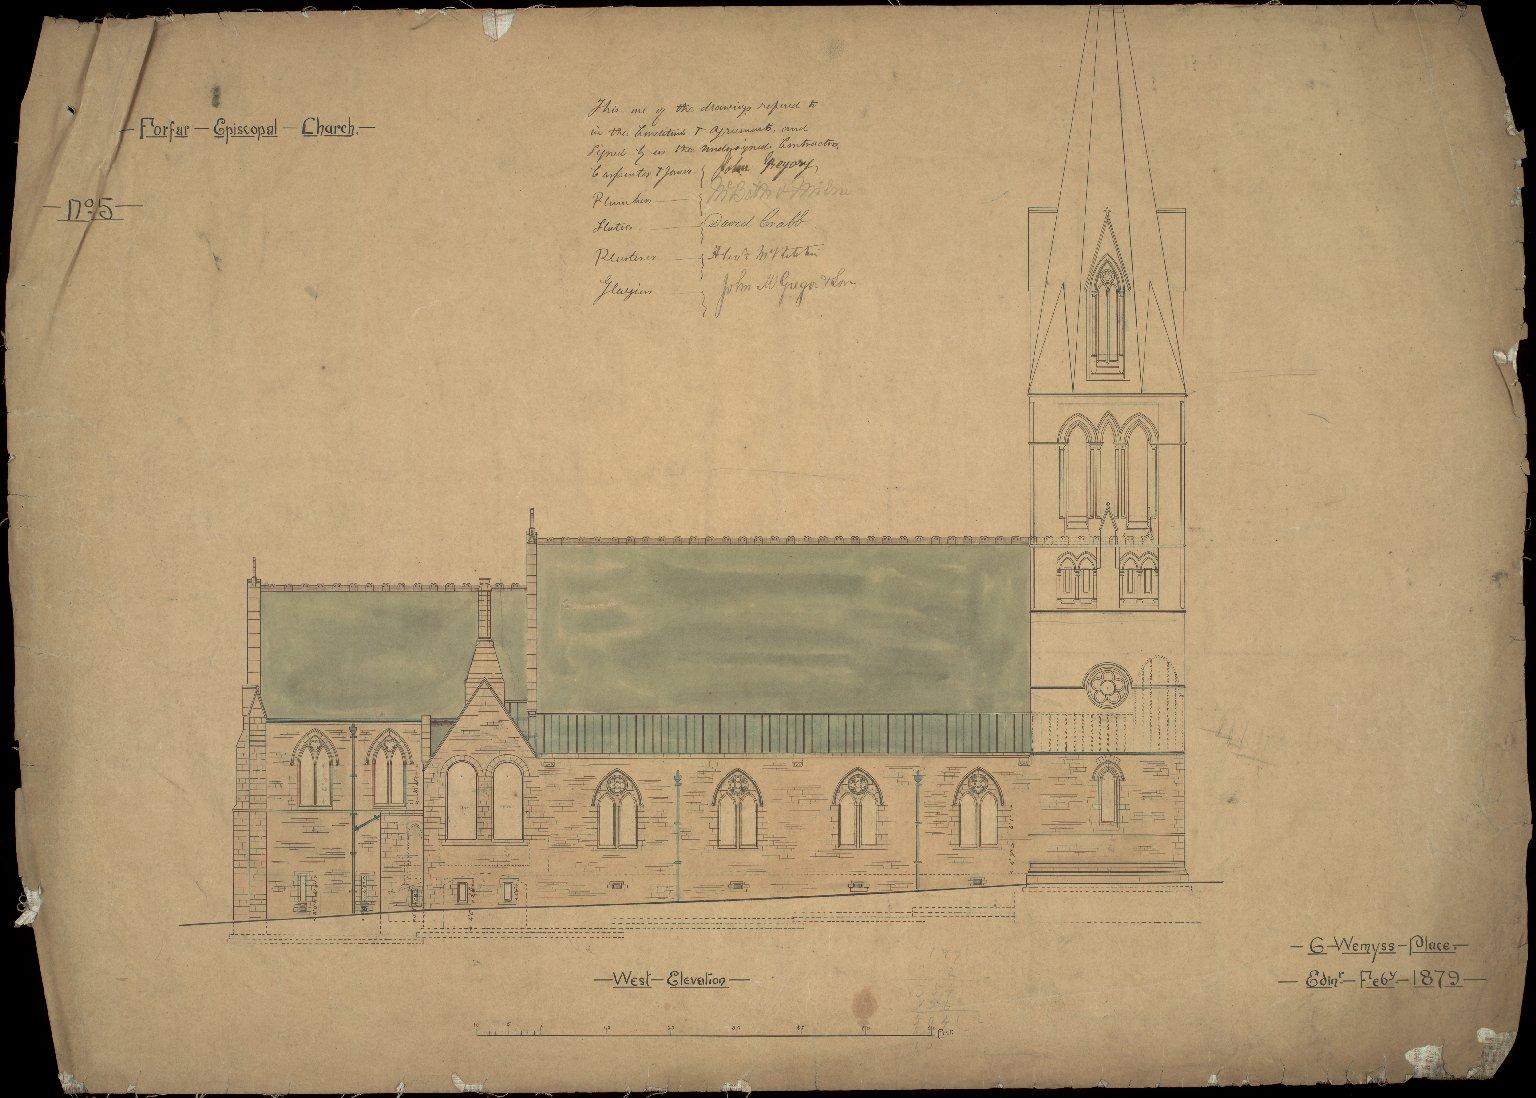 Forfar Episcopal Church, West Elevation, No.5